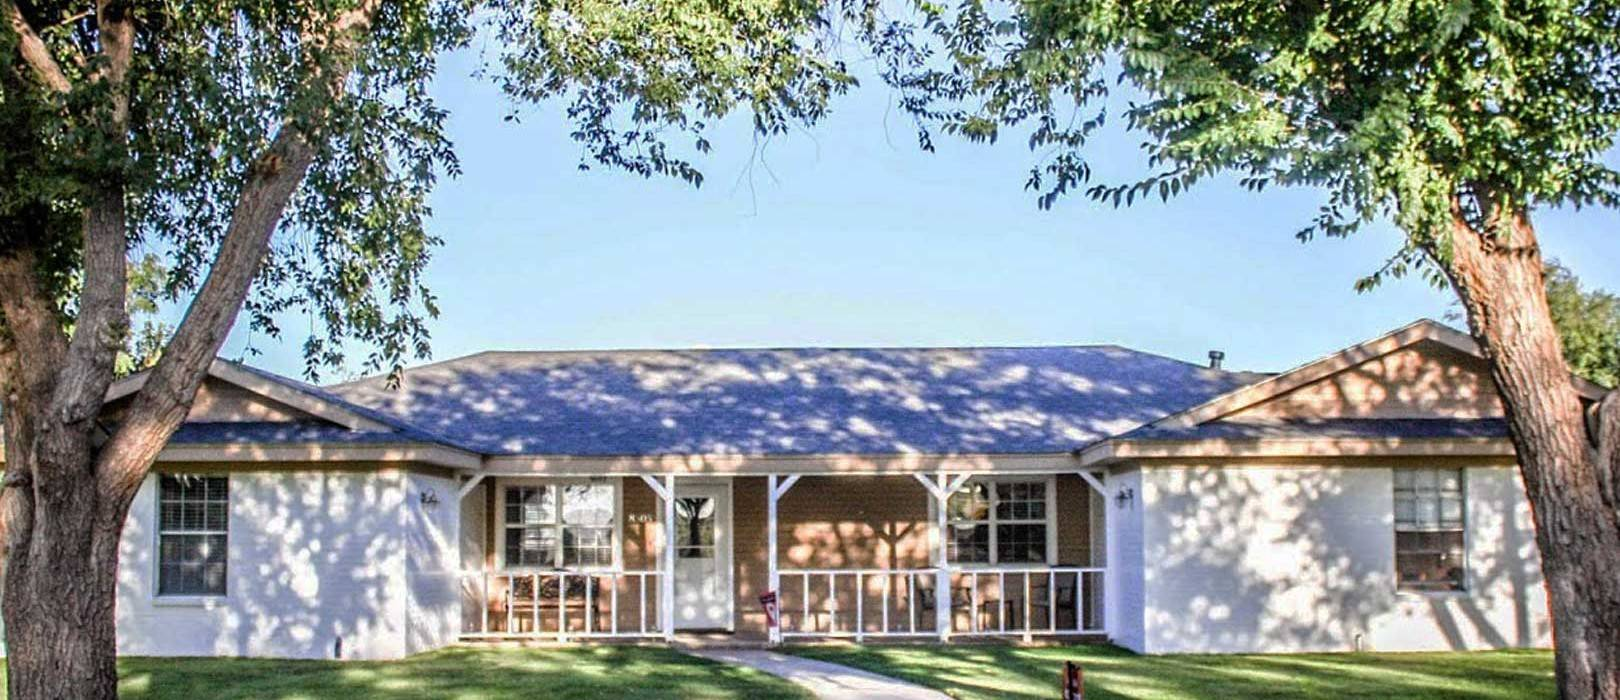 Real Estate Gary Papay Agent Amarillo Homes